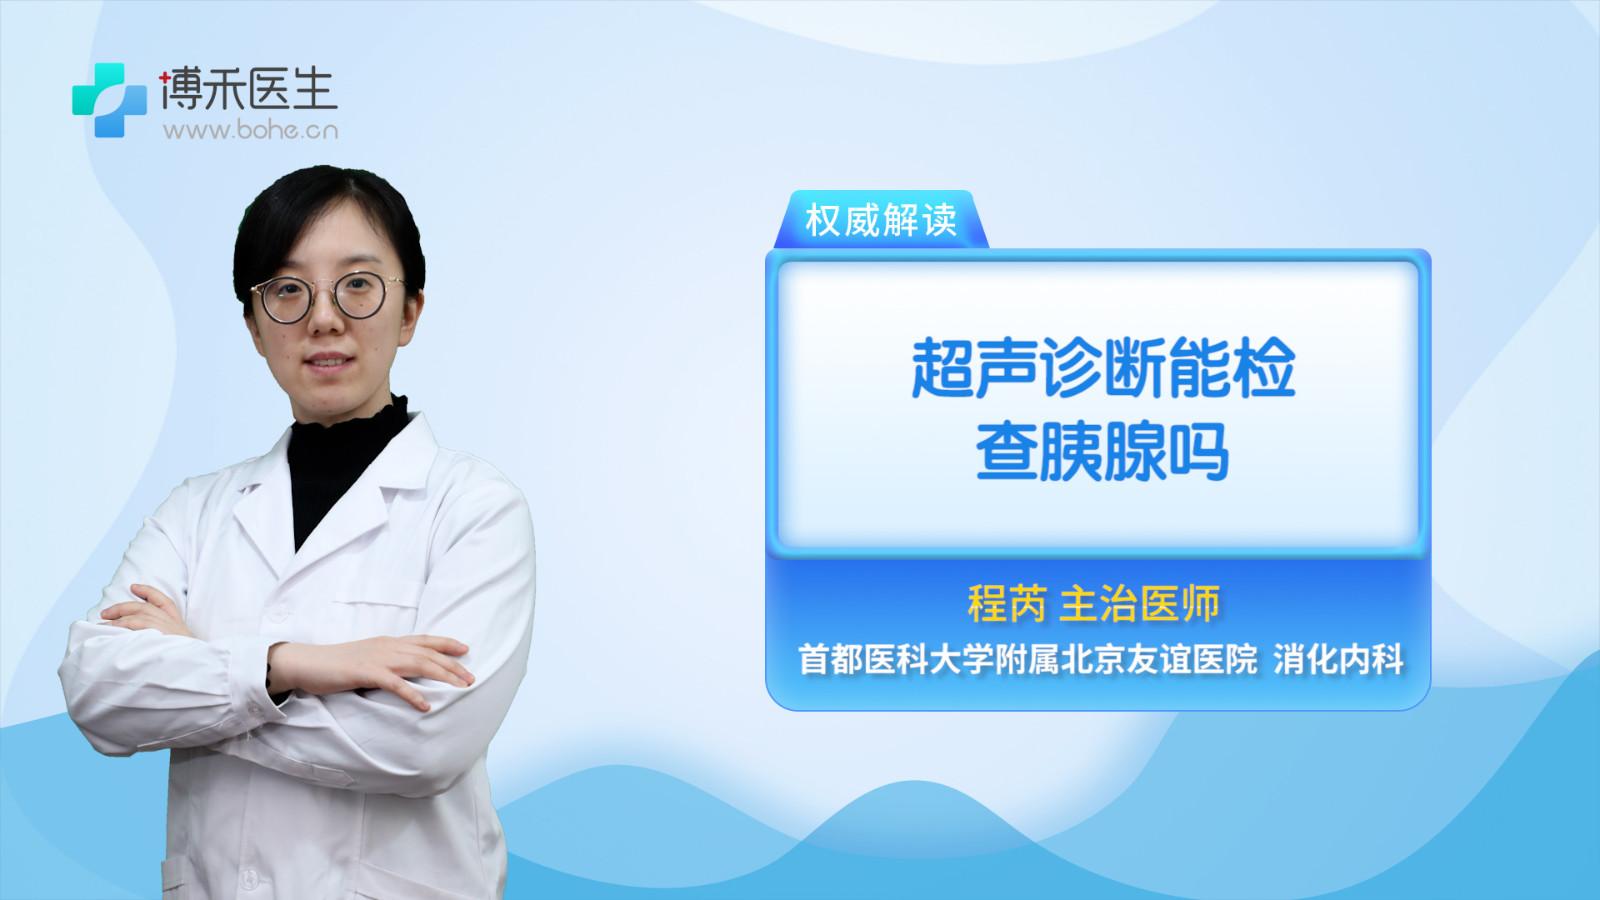 超聲診斷能檢查胰腺嗎